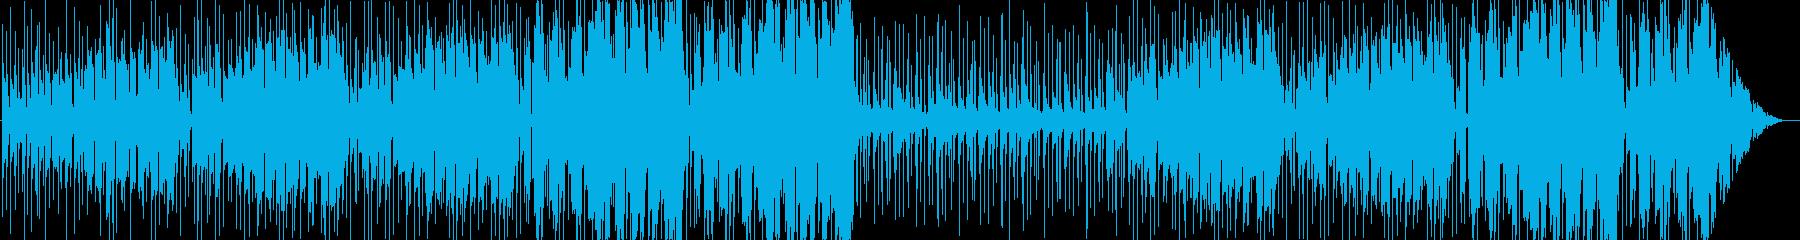 情熱。音響と電子のラブストーリーミックスの再生済みの波形